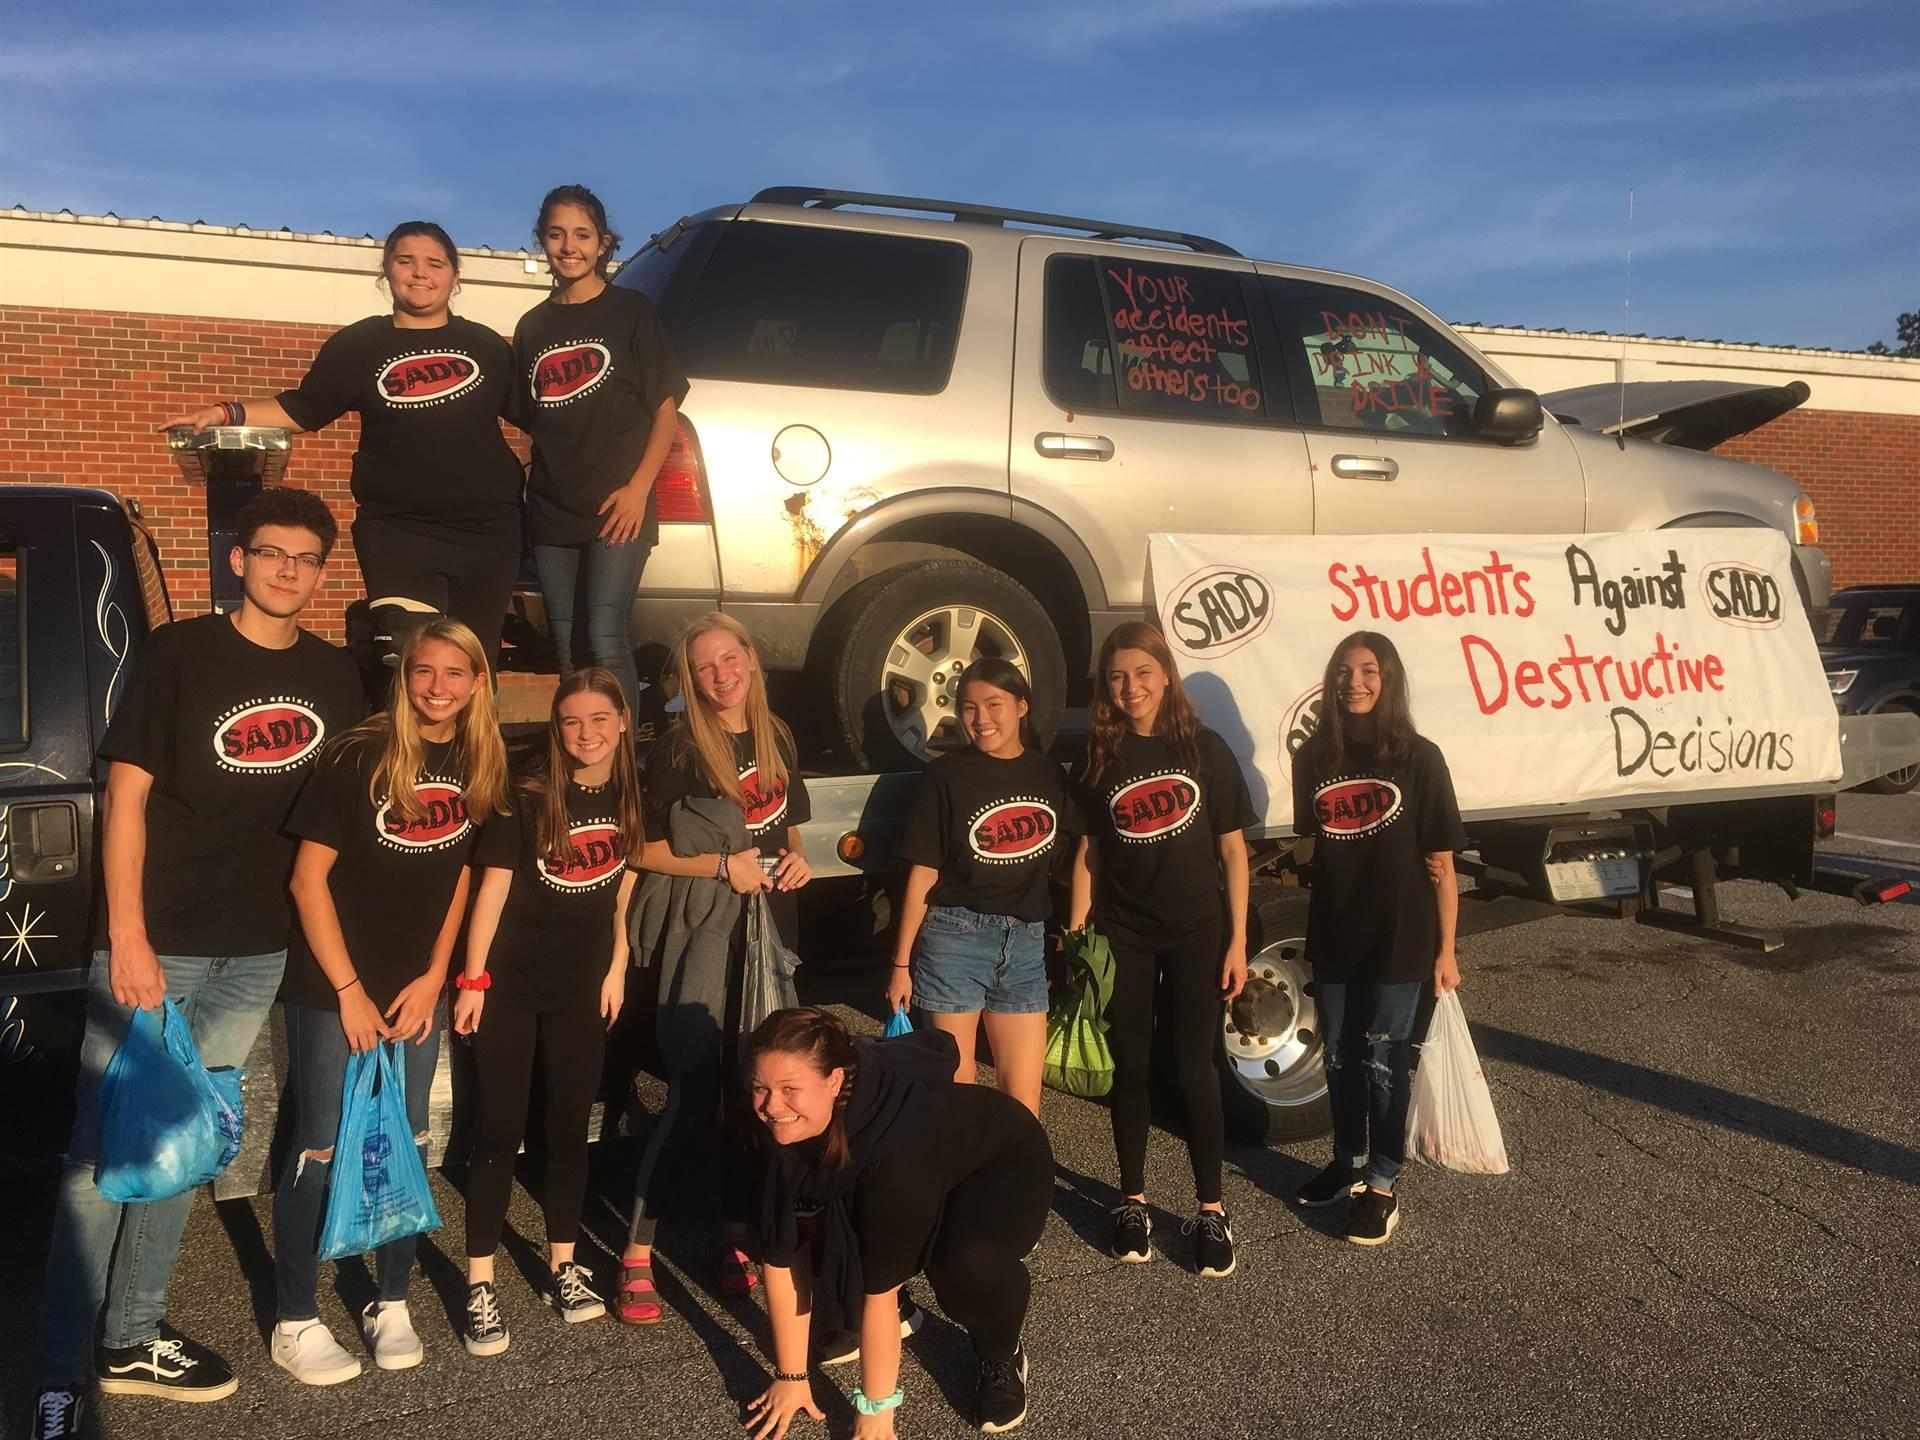 Students Against Destructive Decisions